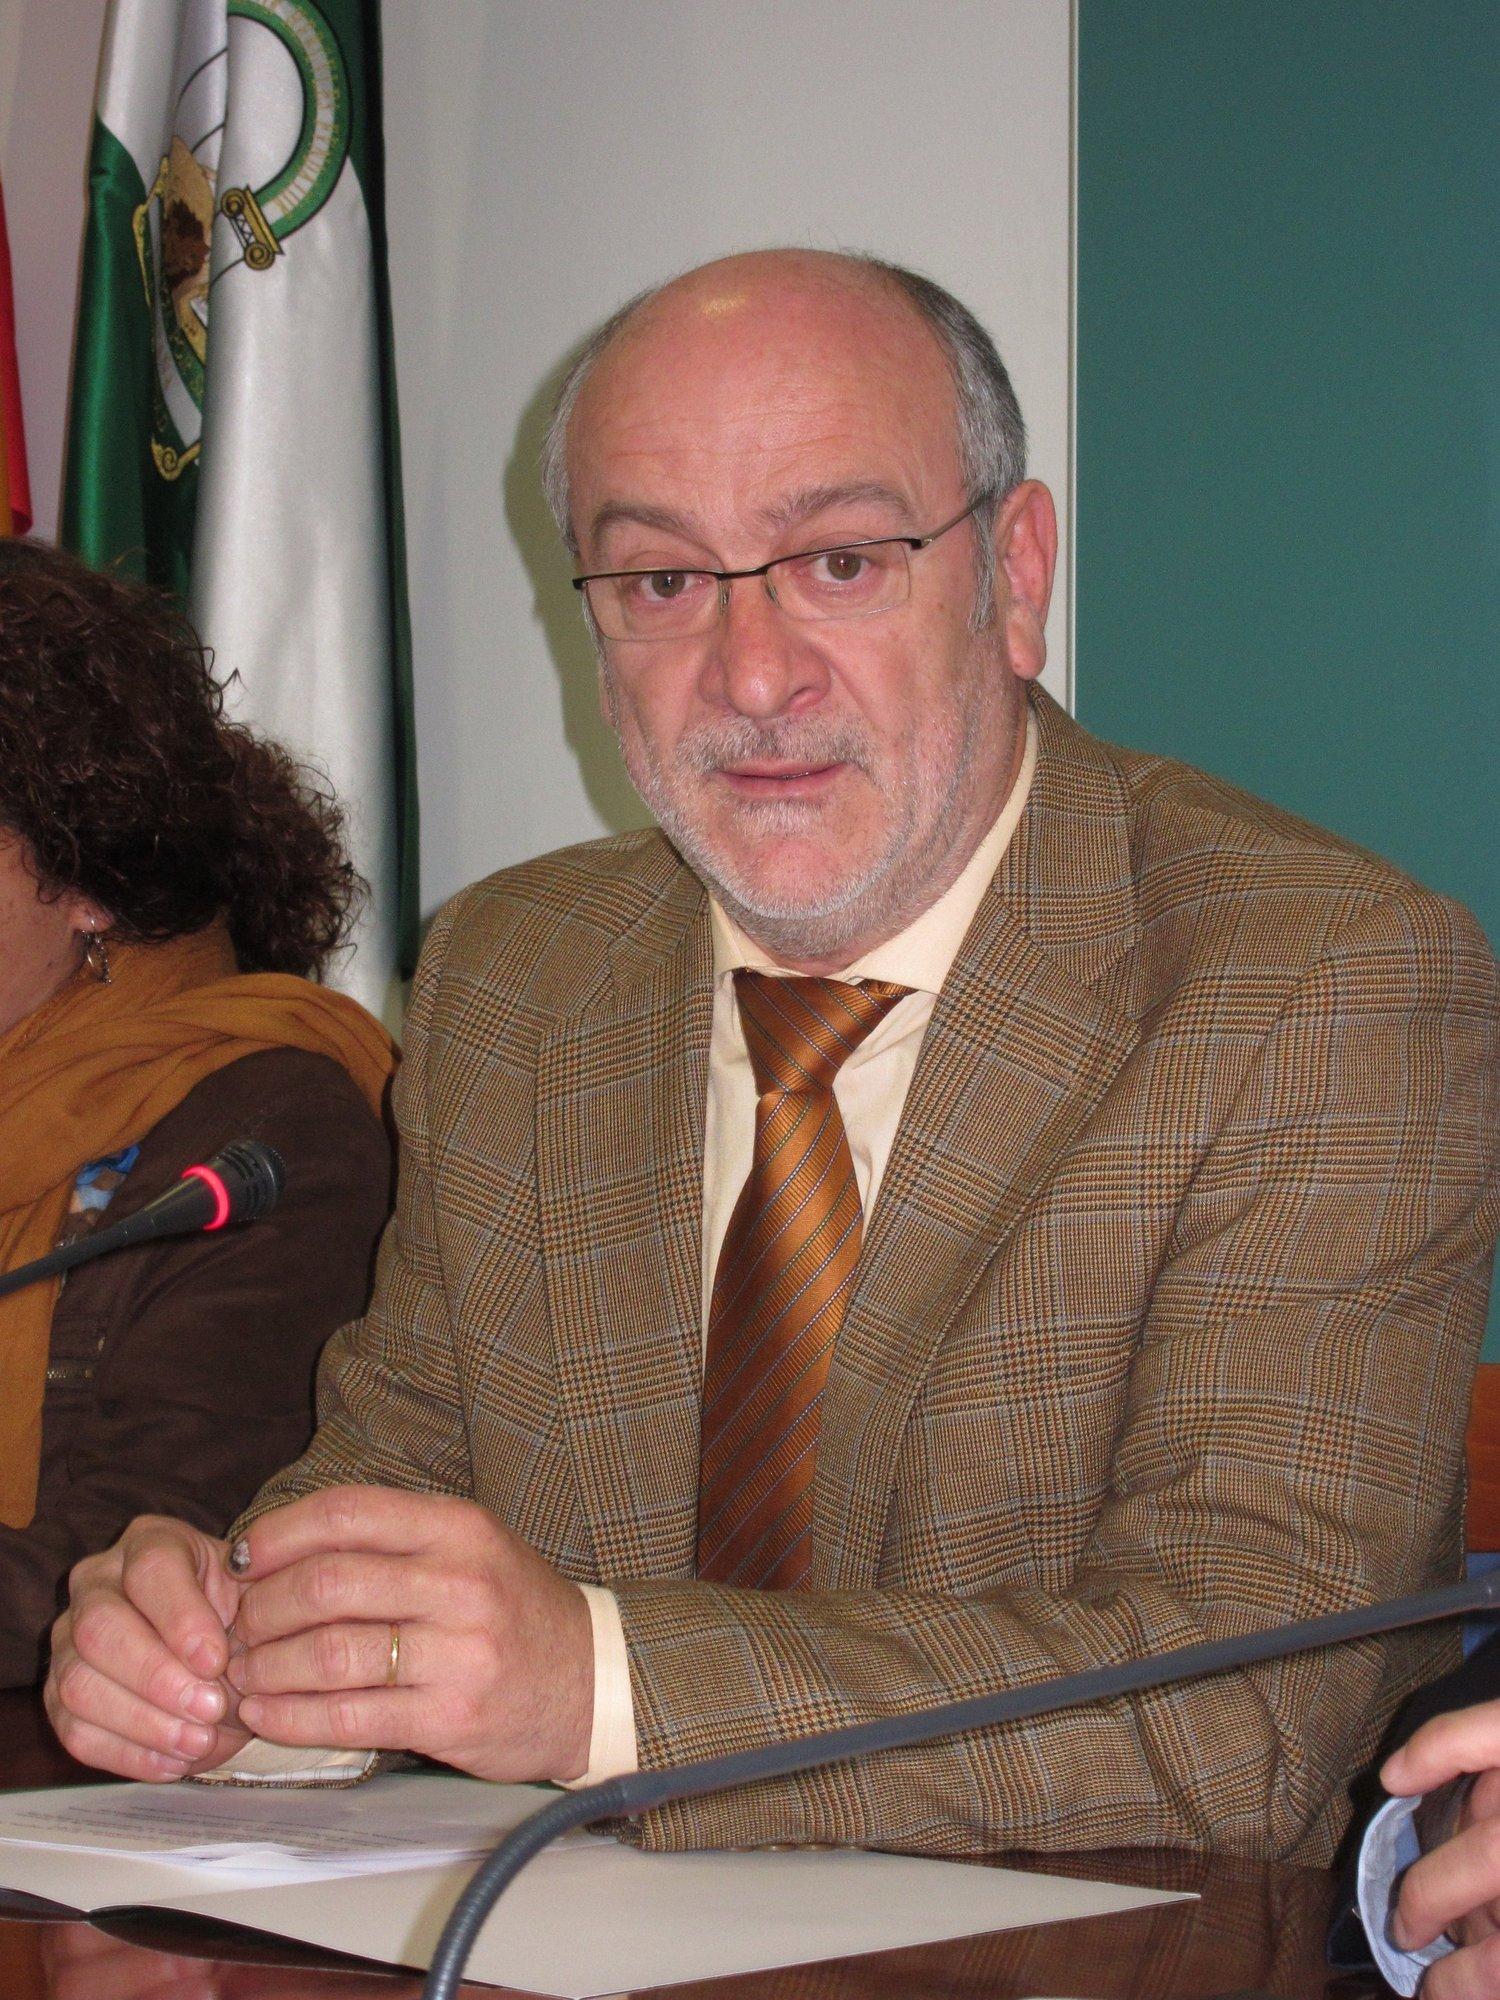 Junta ve «injusto» que quieran «extender sobre el conjunto del sector fresero» supuestas irregularidades